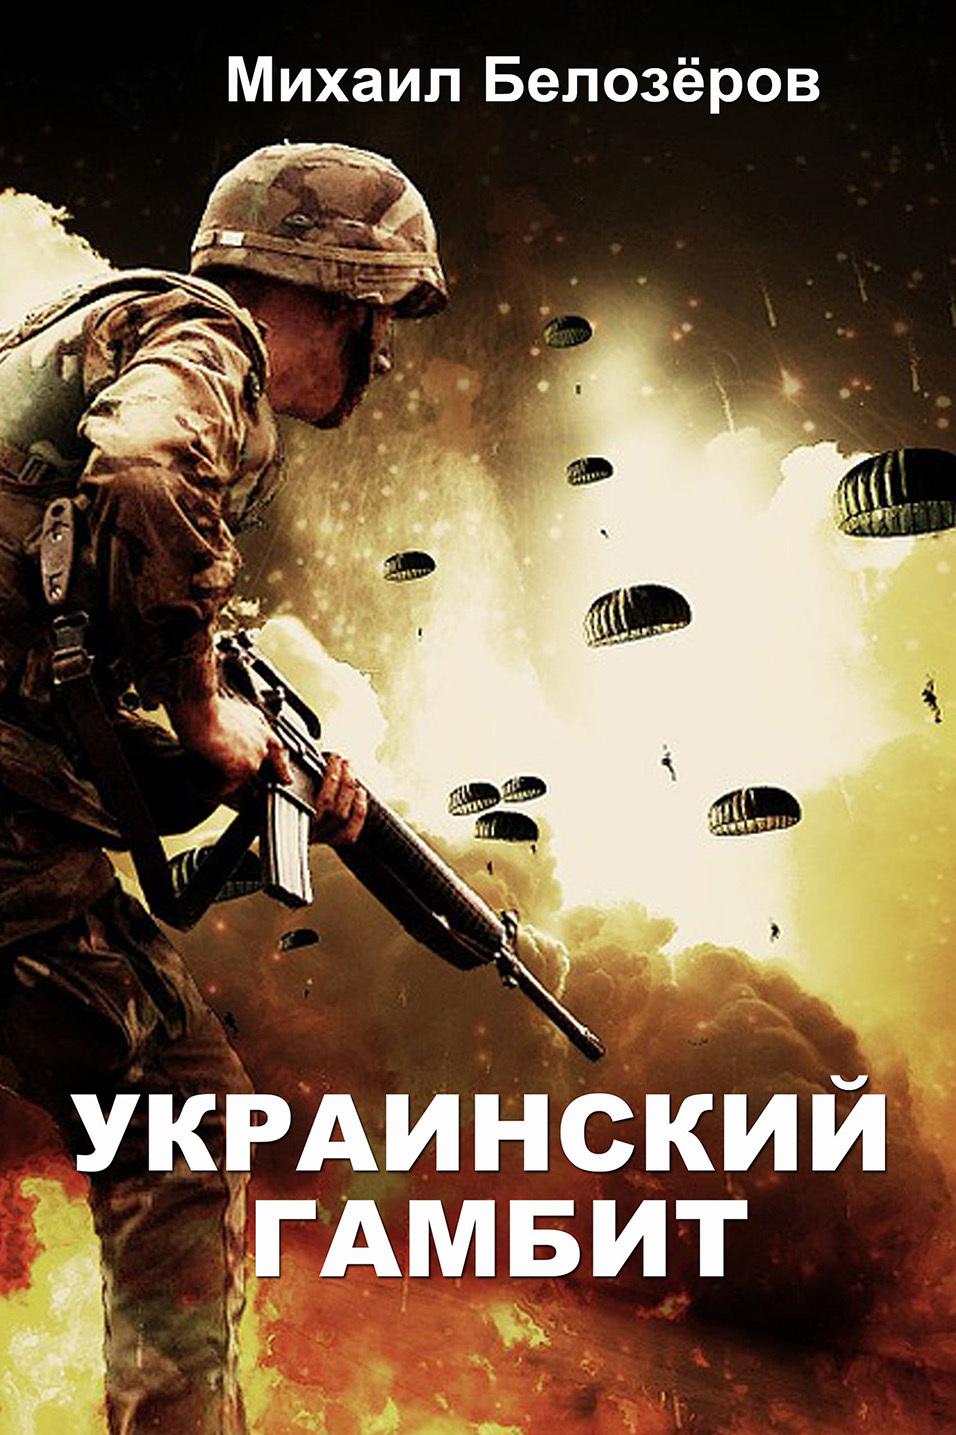 Михаил Белозёров - Украинский гамбит